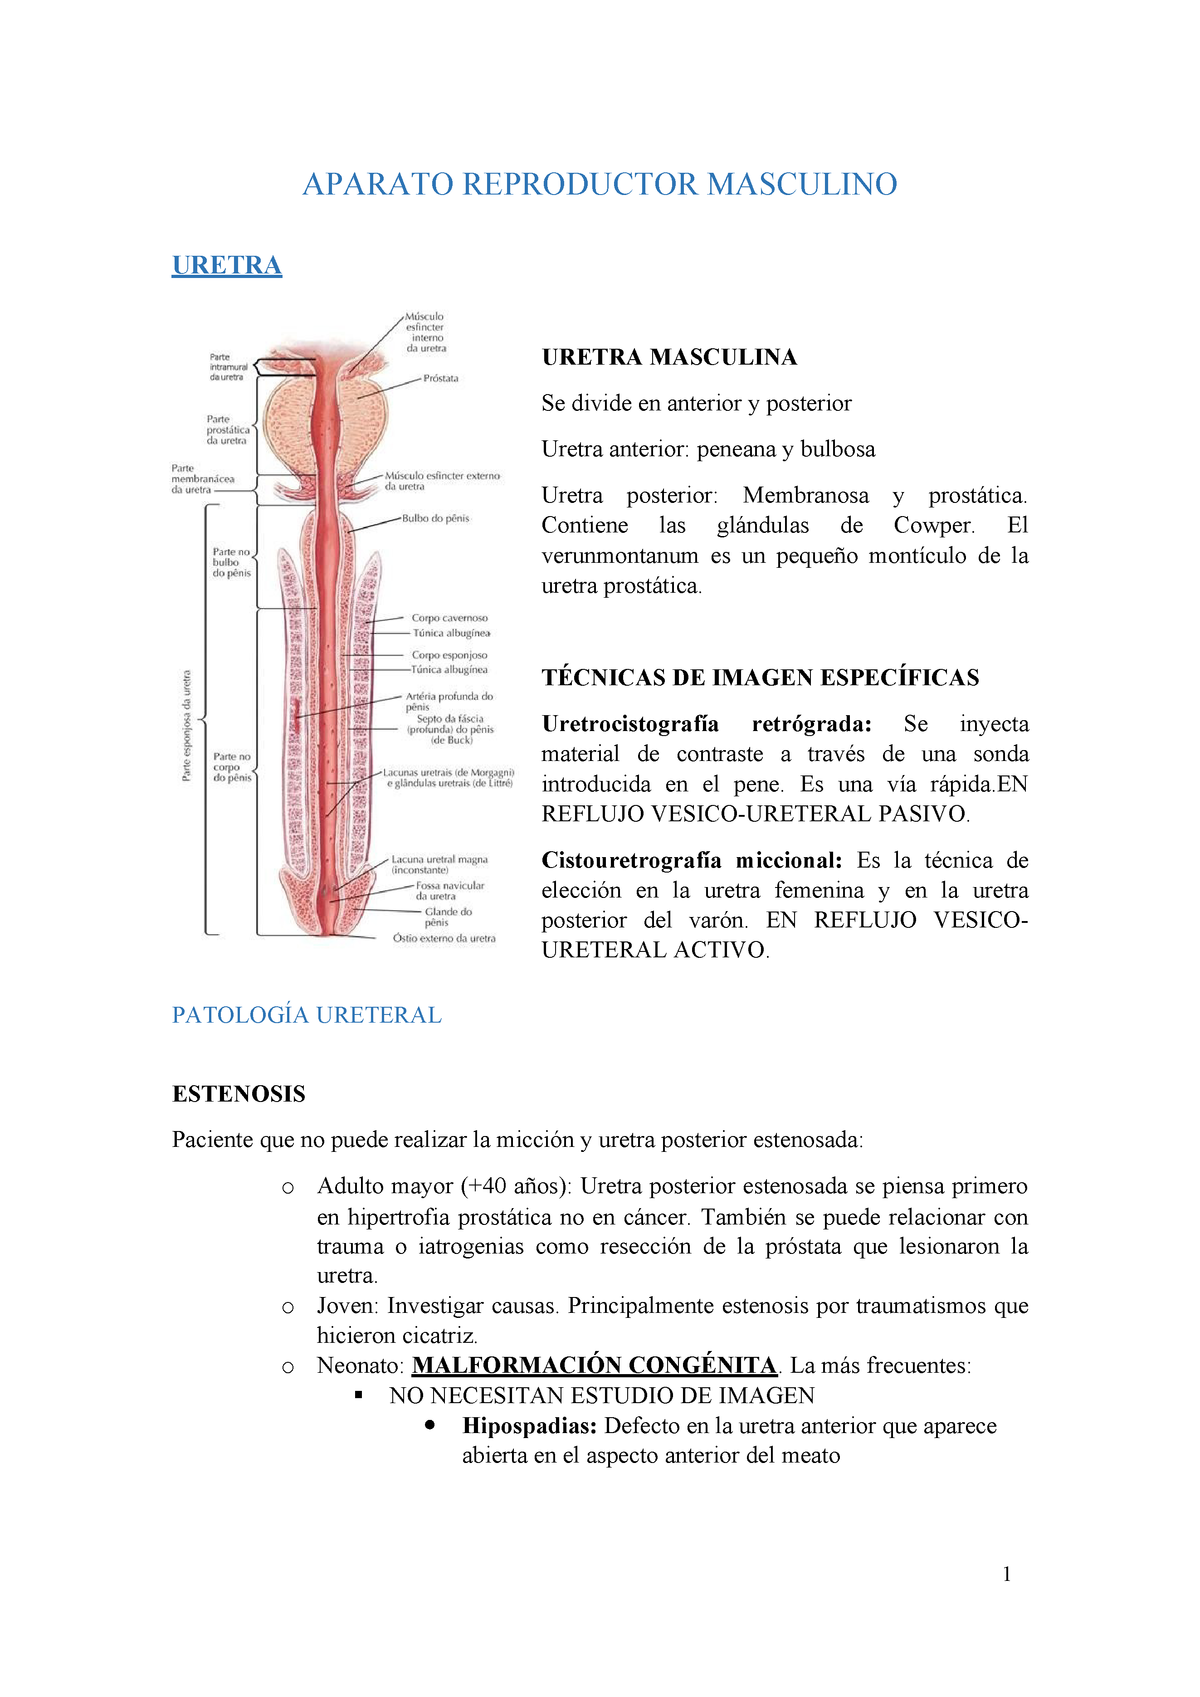 uretritis traumática curativa